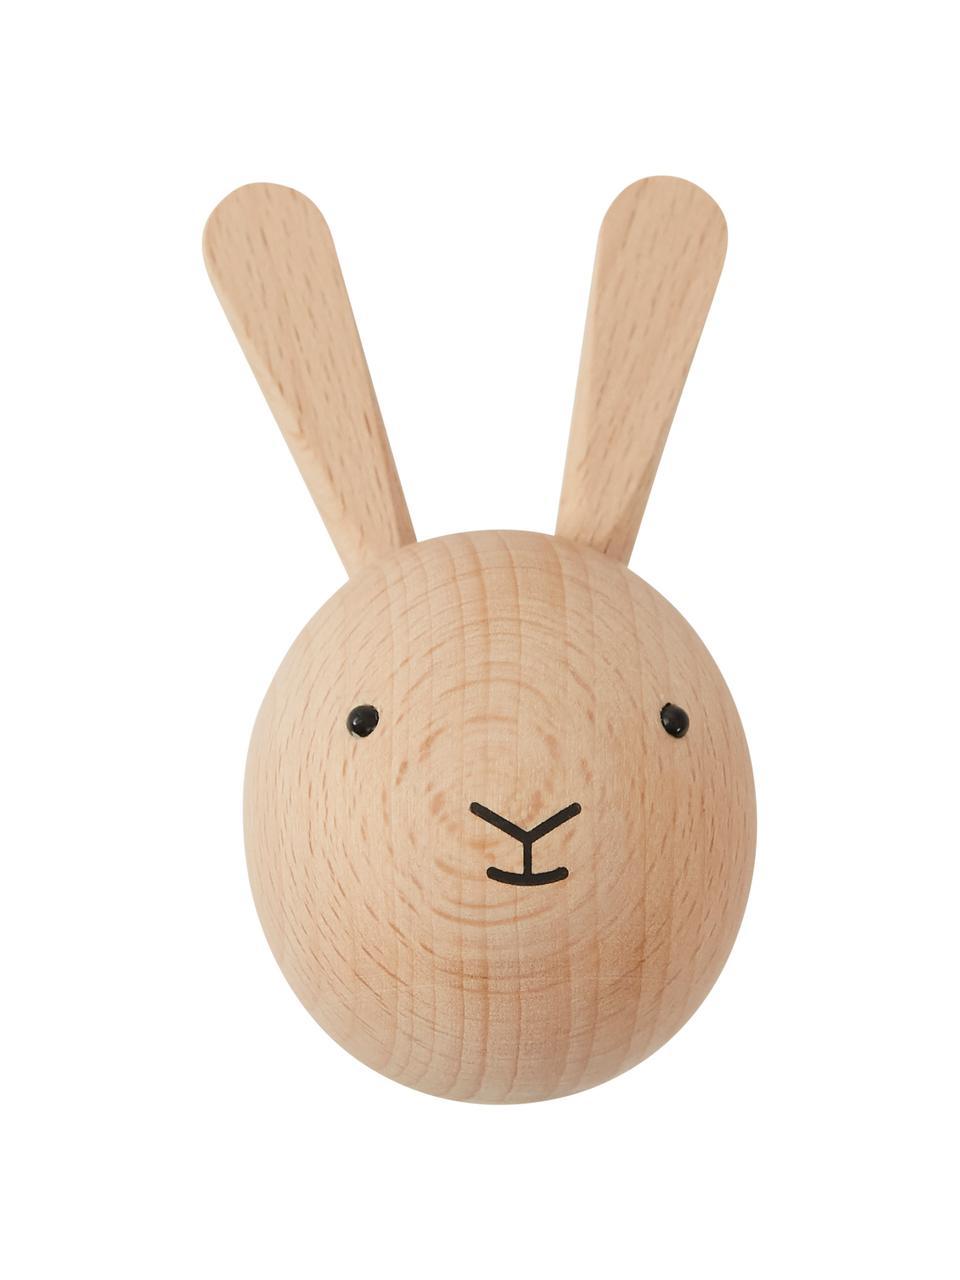 Wandhaken Rabbit aus Buchenholz, Buchenholz, Holz, Schwarz, 5 x 8 cm